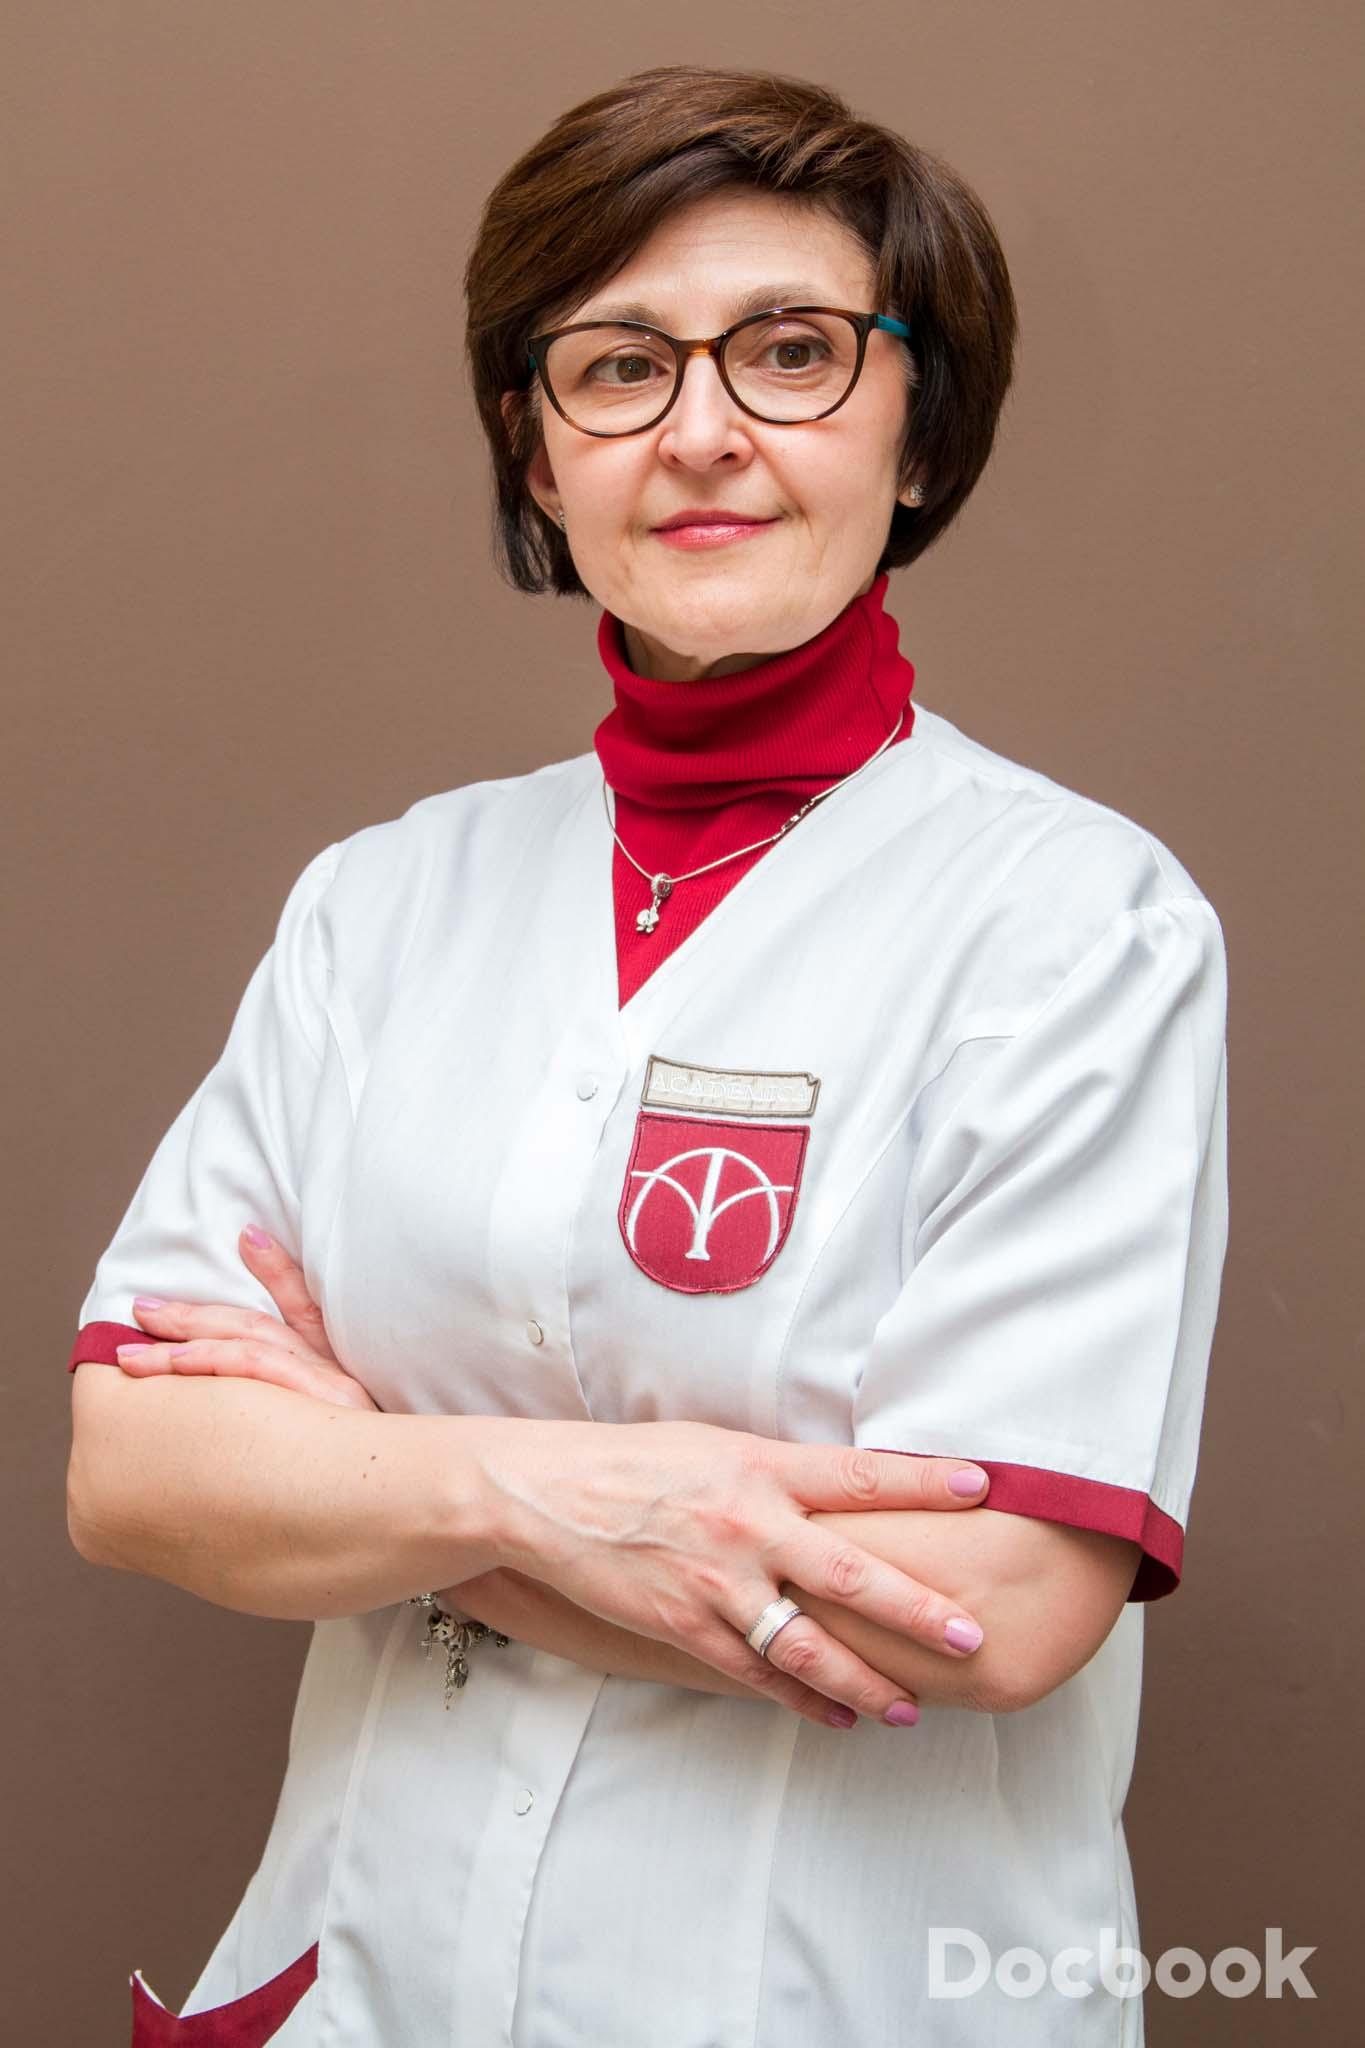 Dr. Letitia Tugui